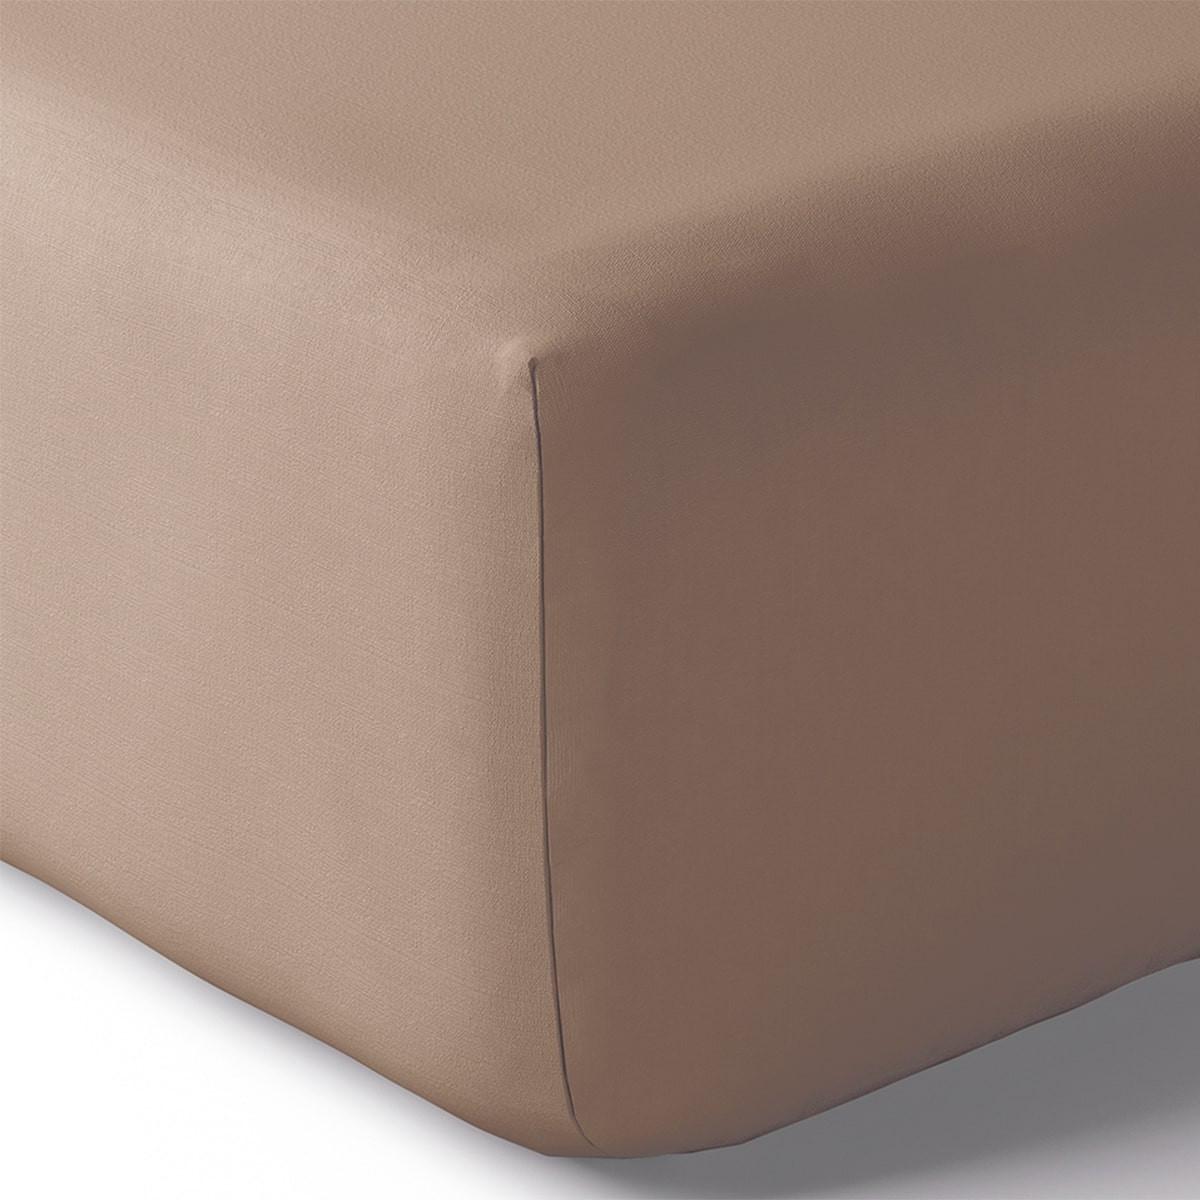 Drap housse coton 90x200 cm vison